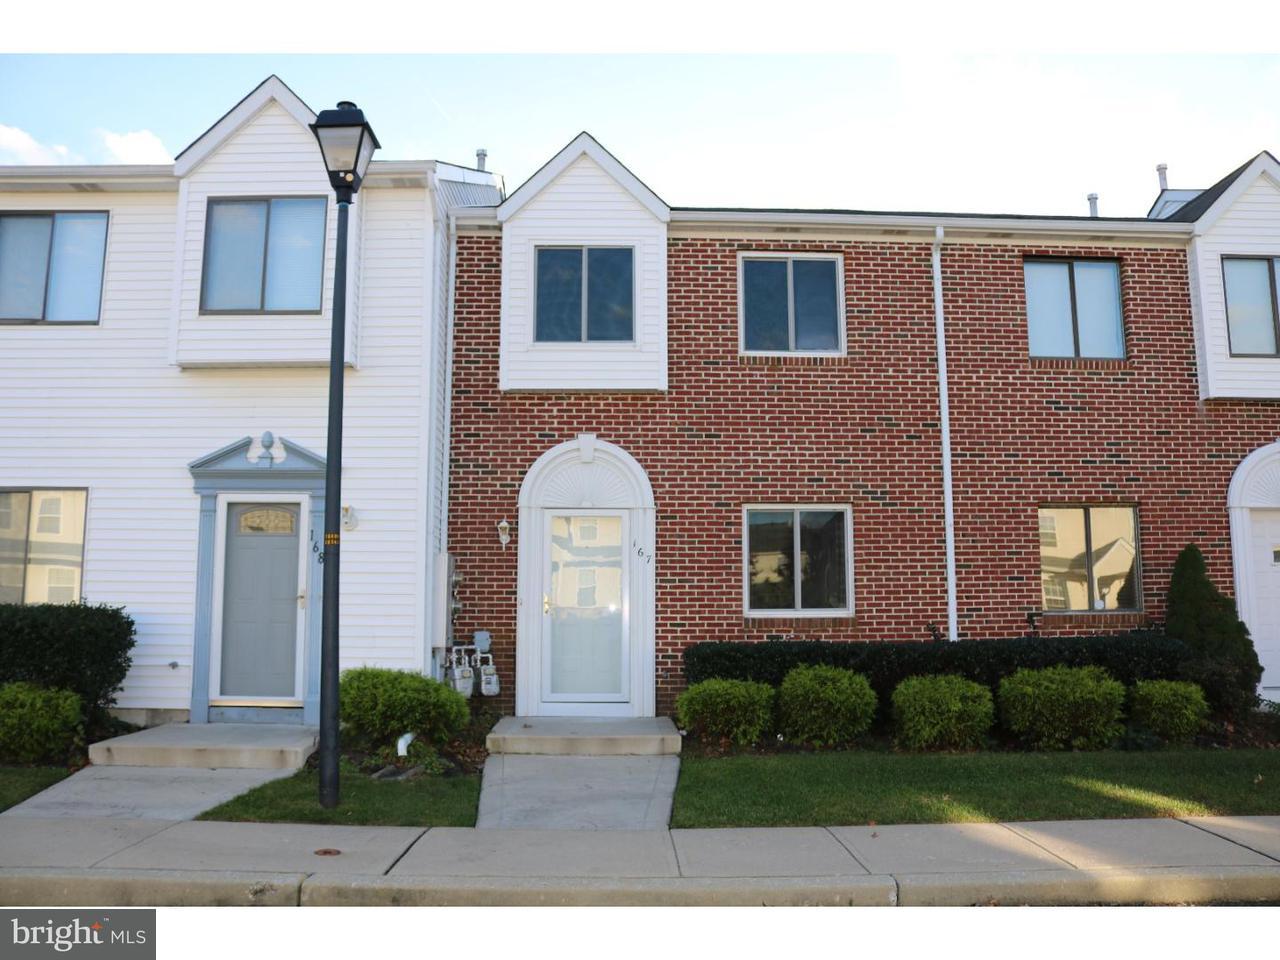 共管式独立产权公寓 为 出租 在 167 YORKTOWN BLVD Hammonton, 新泽西州 08037 美国